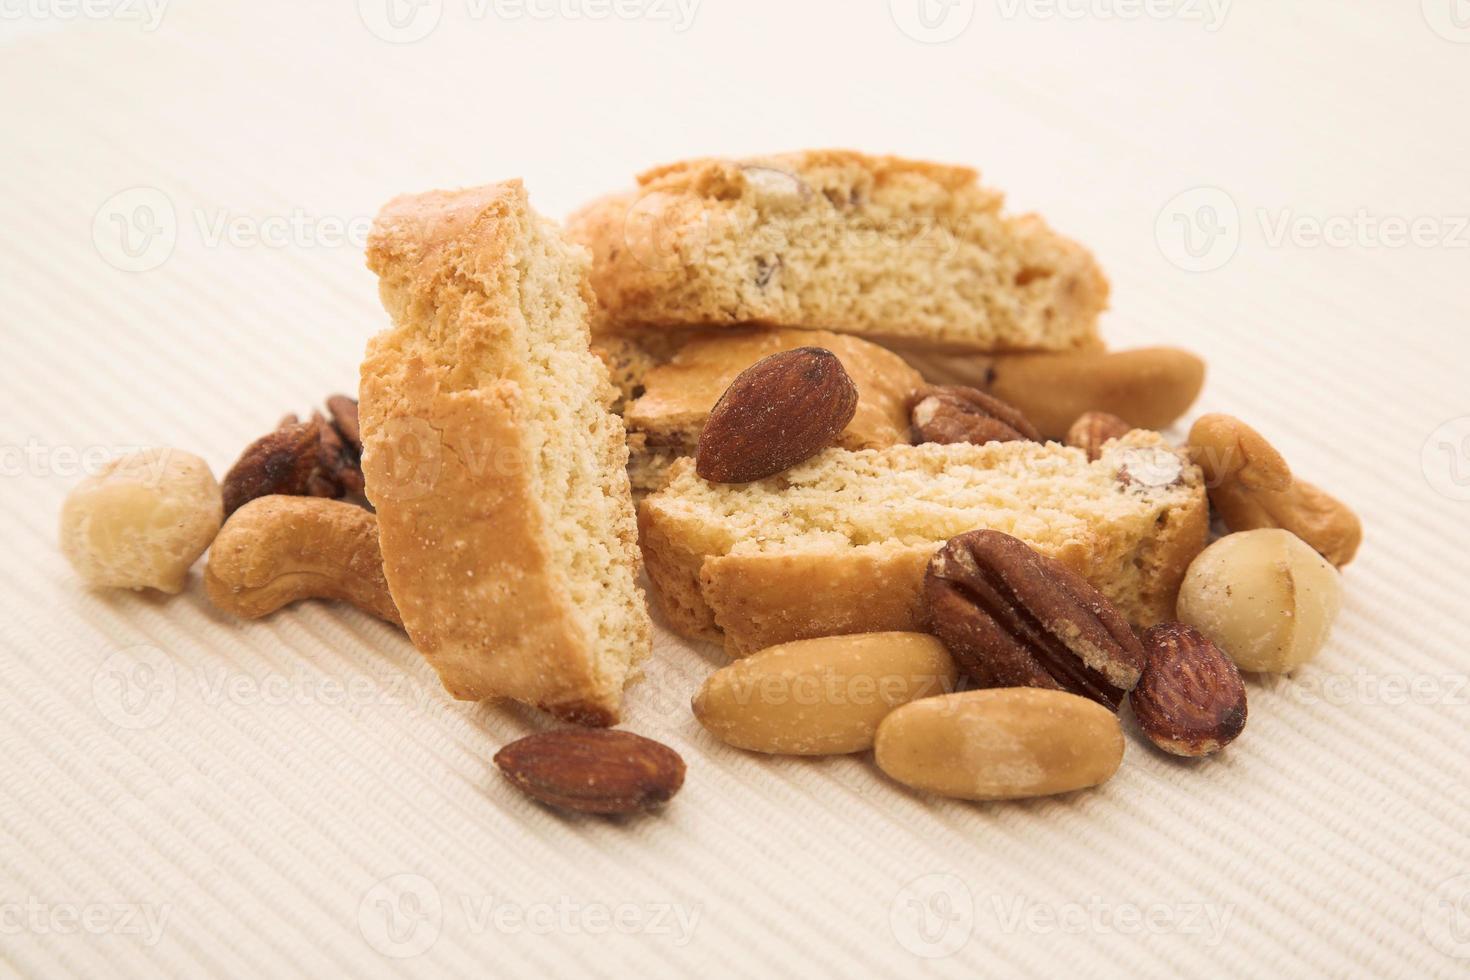 biscotti de almendras con nueces tostadas foto